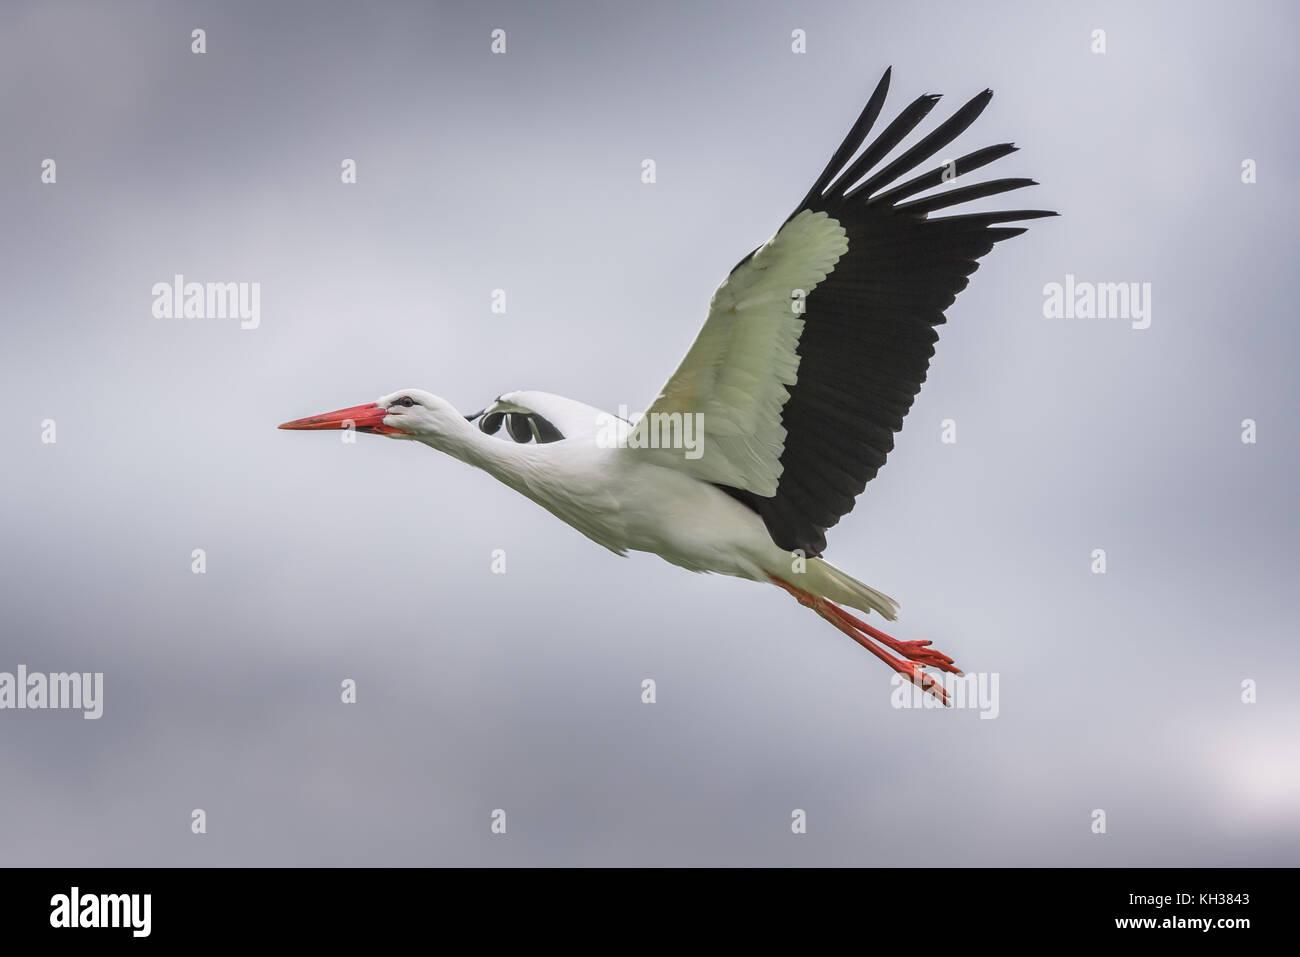 White Stork in Flight - Stock Image